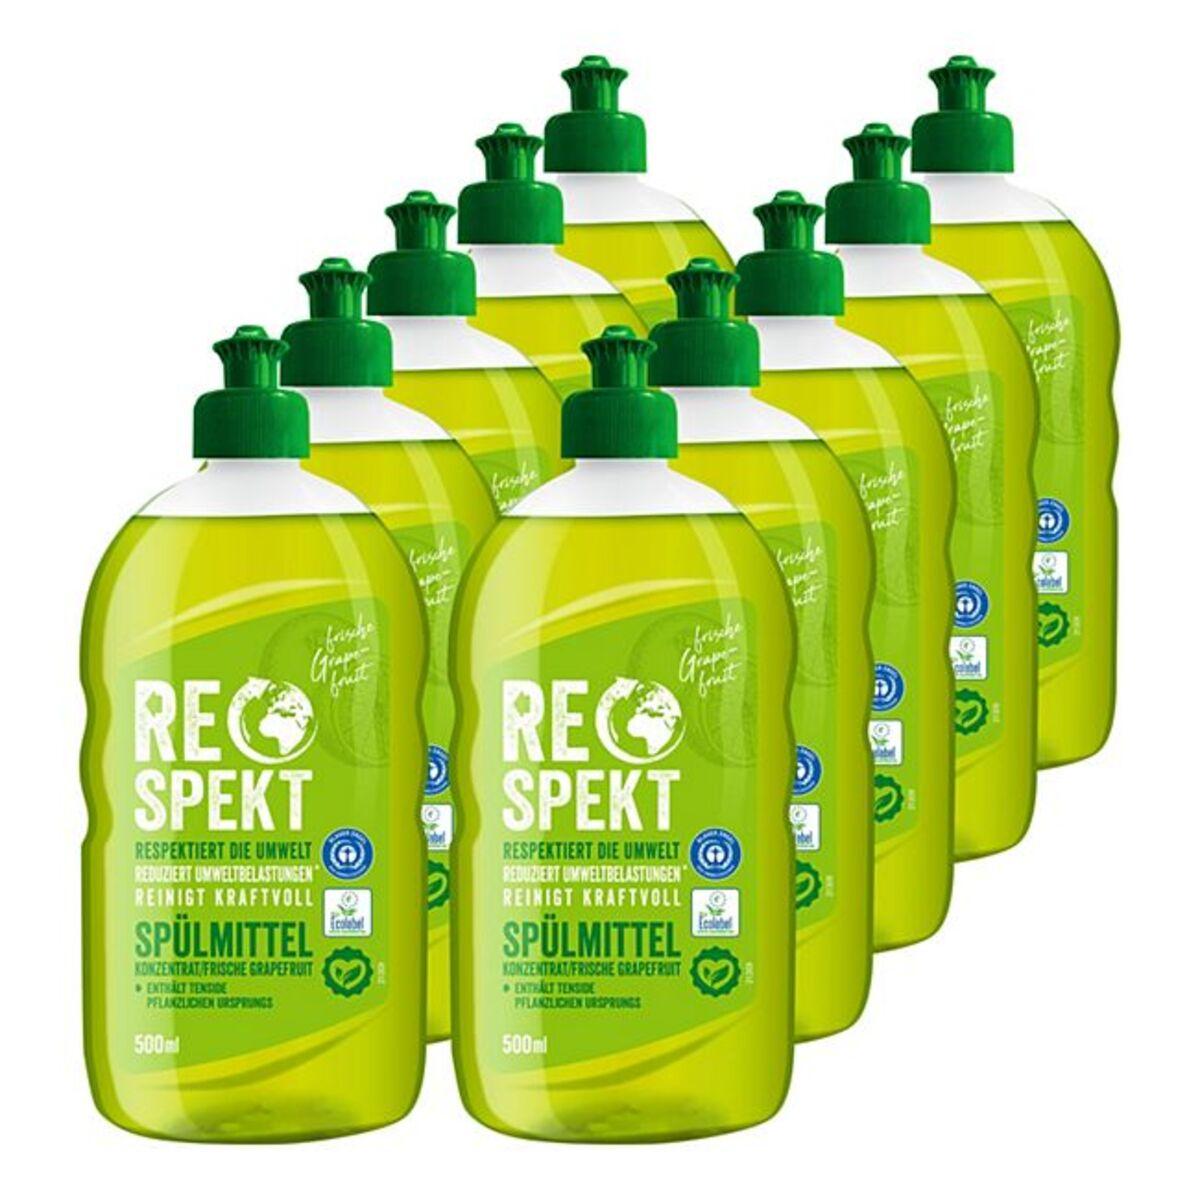 Bild 1 von Respekt Spülmittel Konzentrat 500 ml, 10er Pack